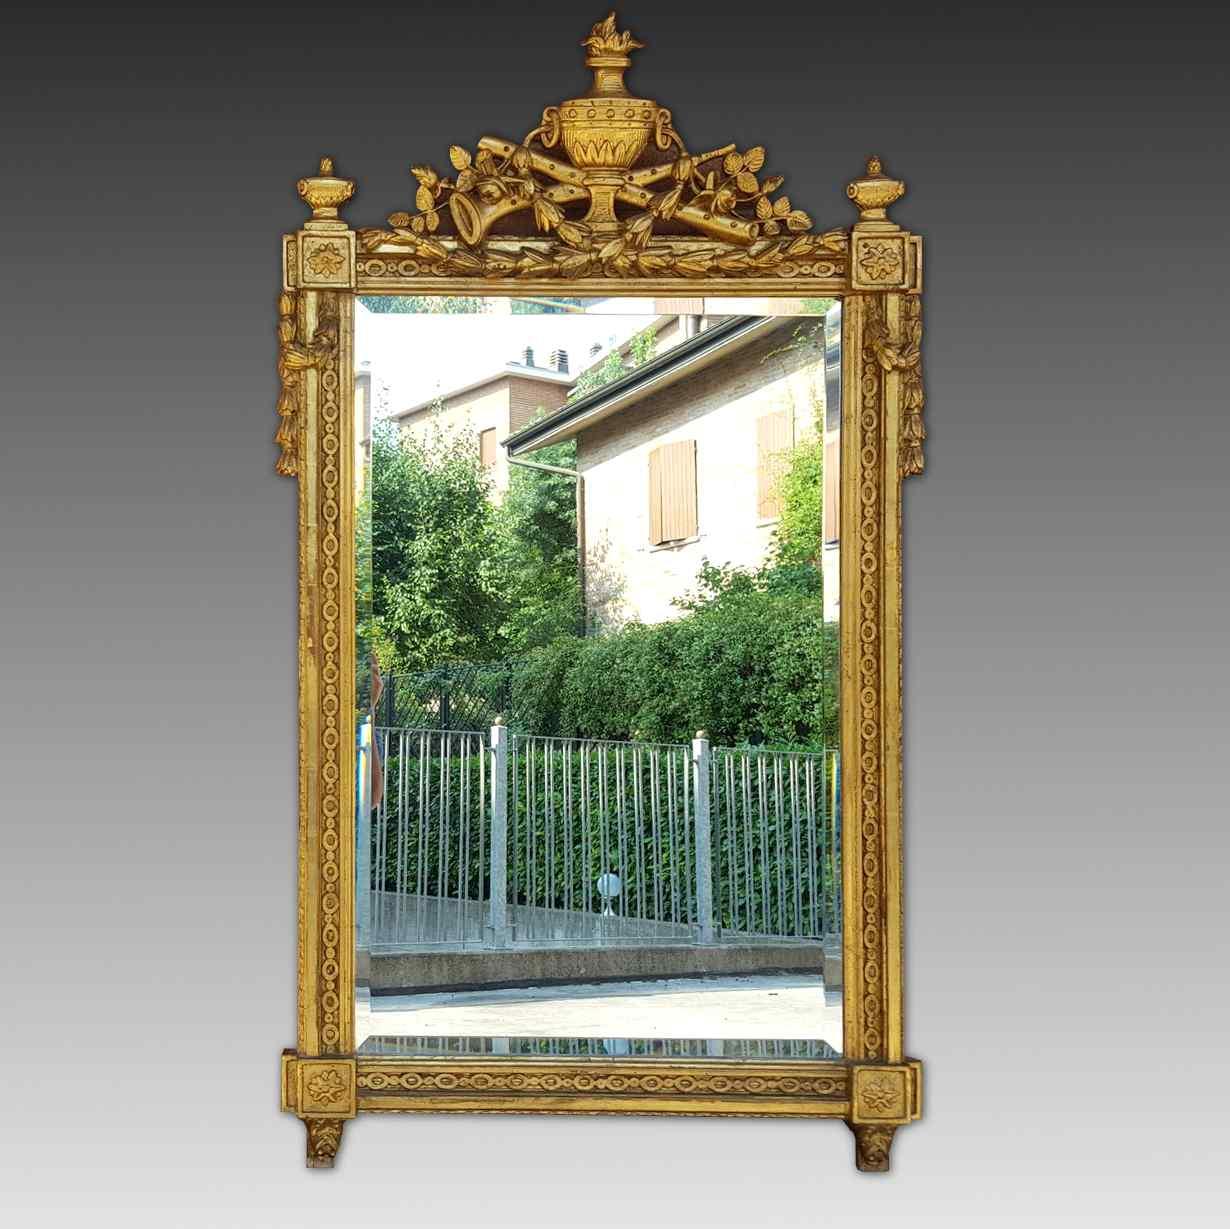 Ancien Miroir doré Napoleon III - 19ème siècle